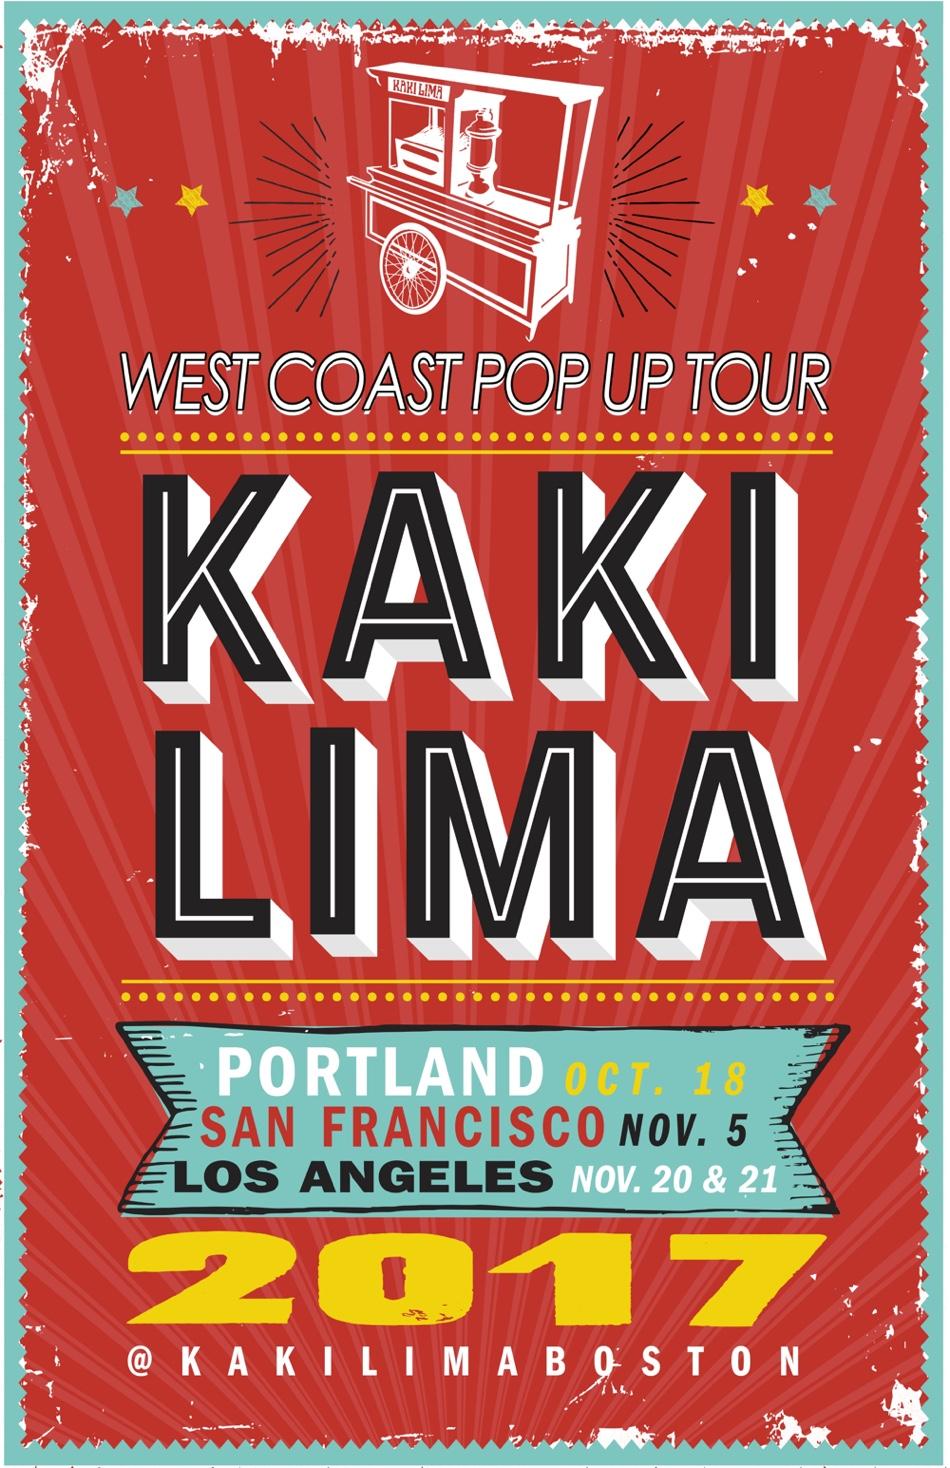 West Coast Pop Up Tour Poster Lo-Res copy.jpg